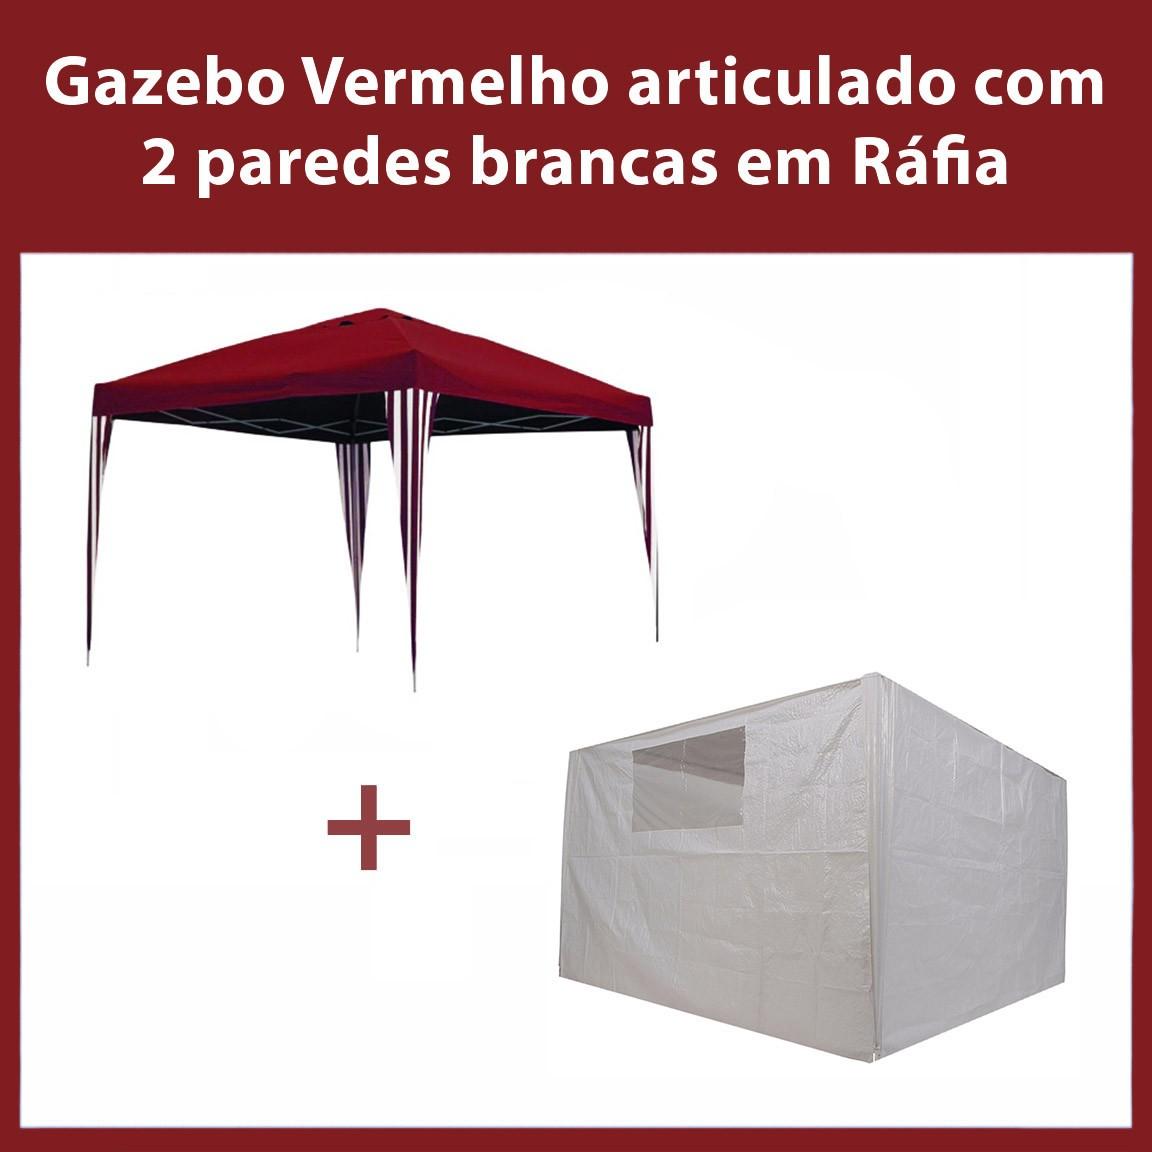 Gazebo 3x3 Articulado Vermelho em Aço + 2 Paredes Brancas de Ráfia Eleva Mundi